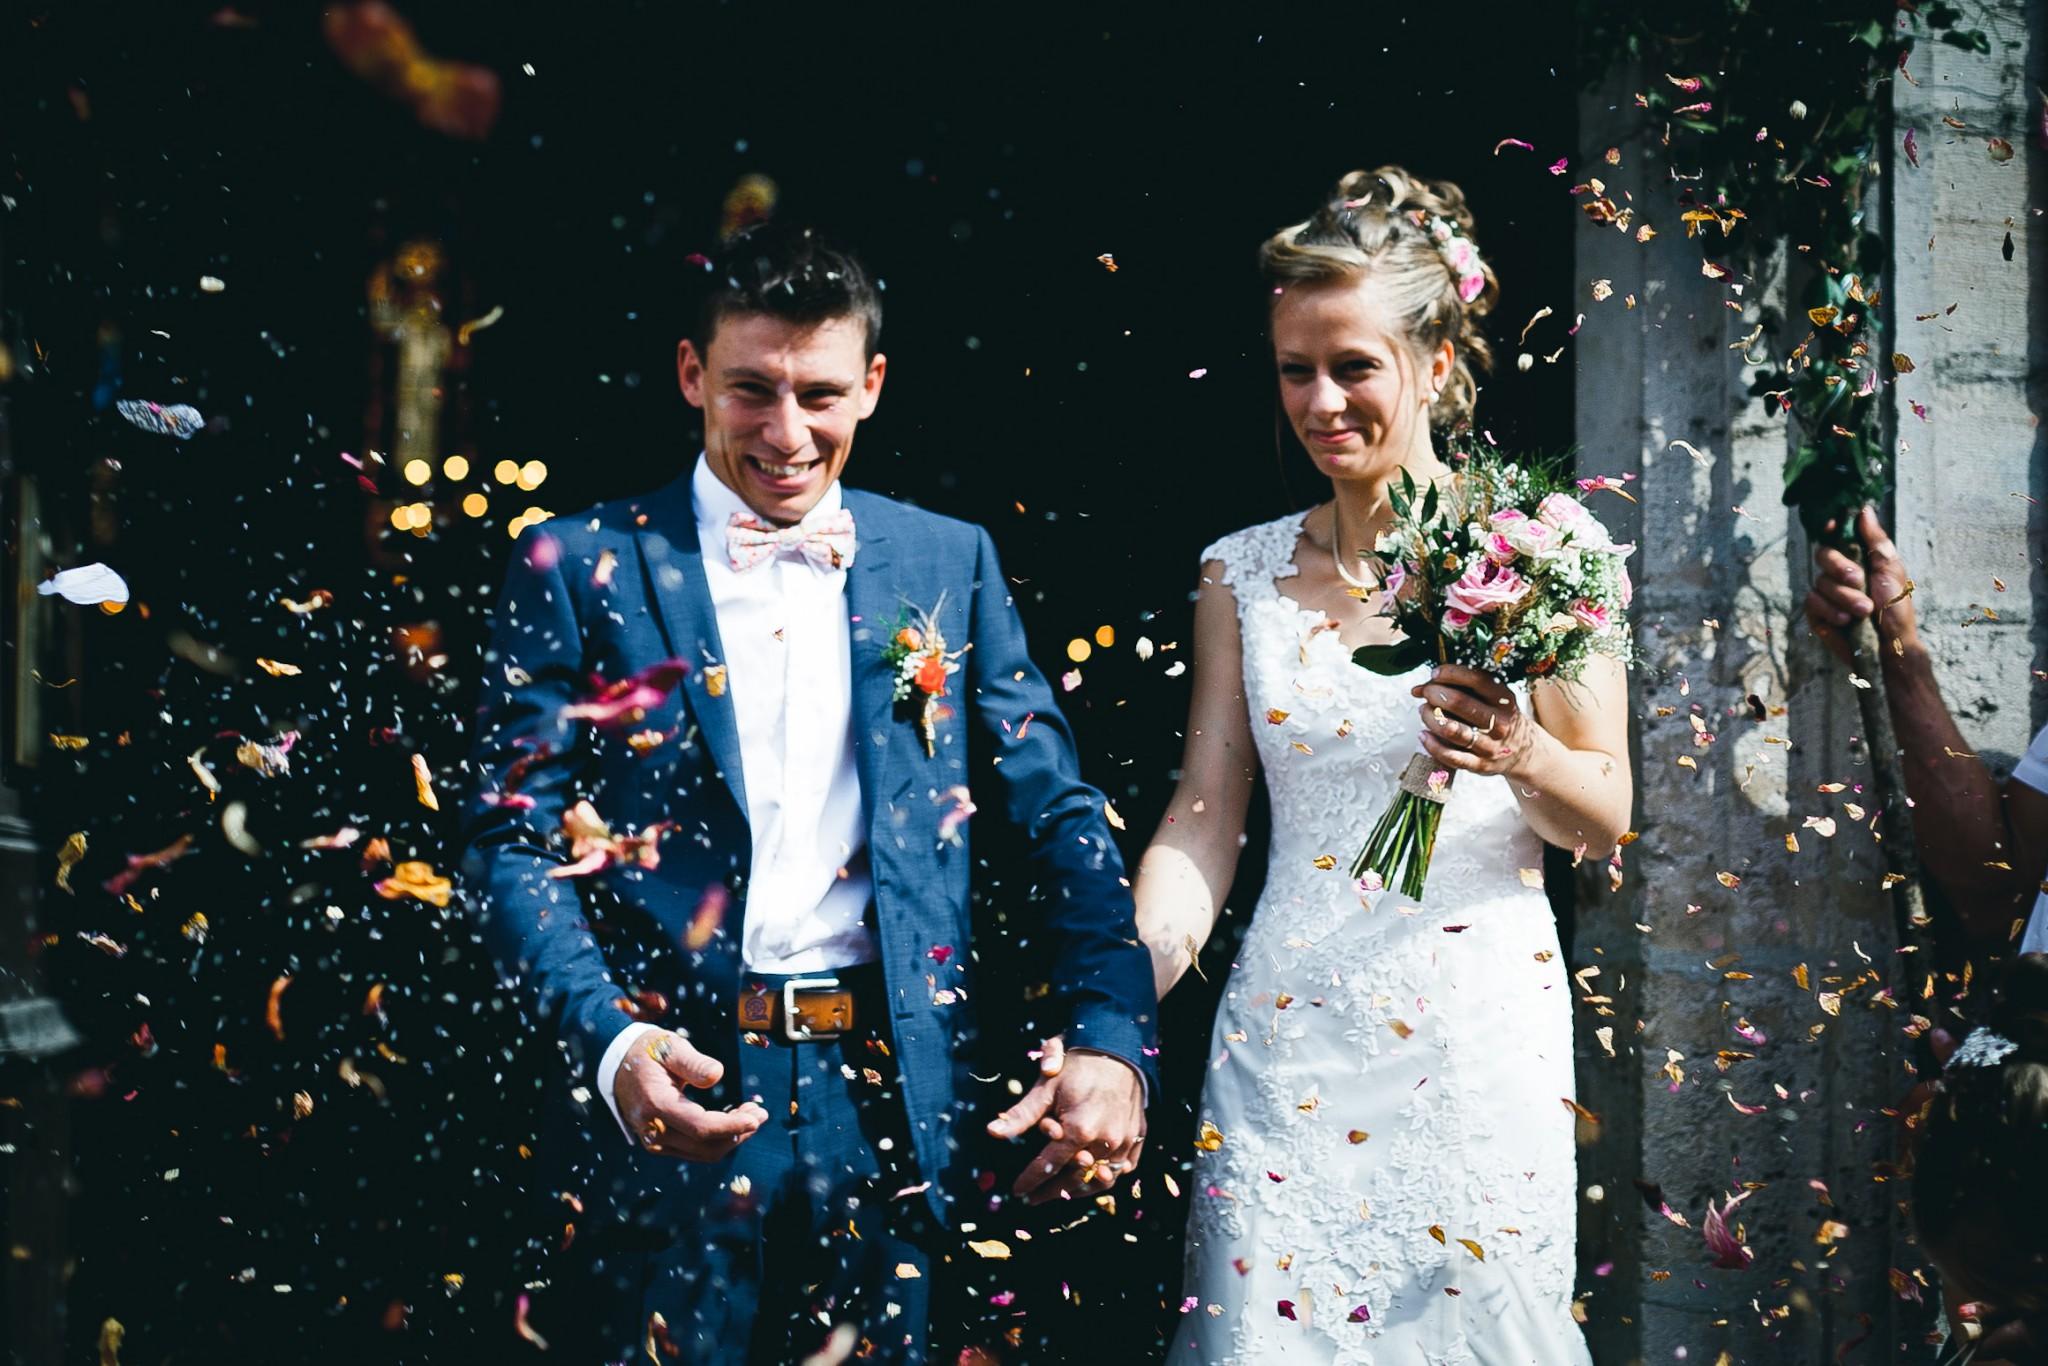 photographe de mariage famille lifestyle besanon doubs franche comt sonia - Photographe Mariage Besancon